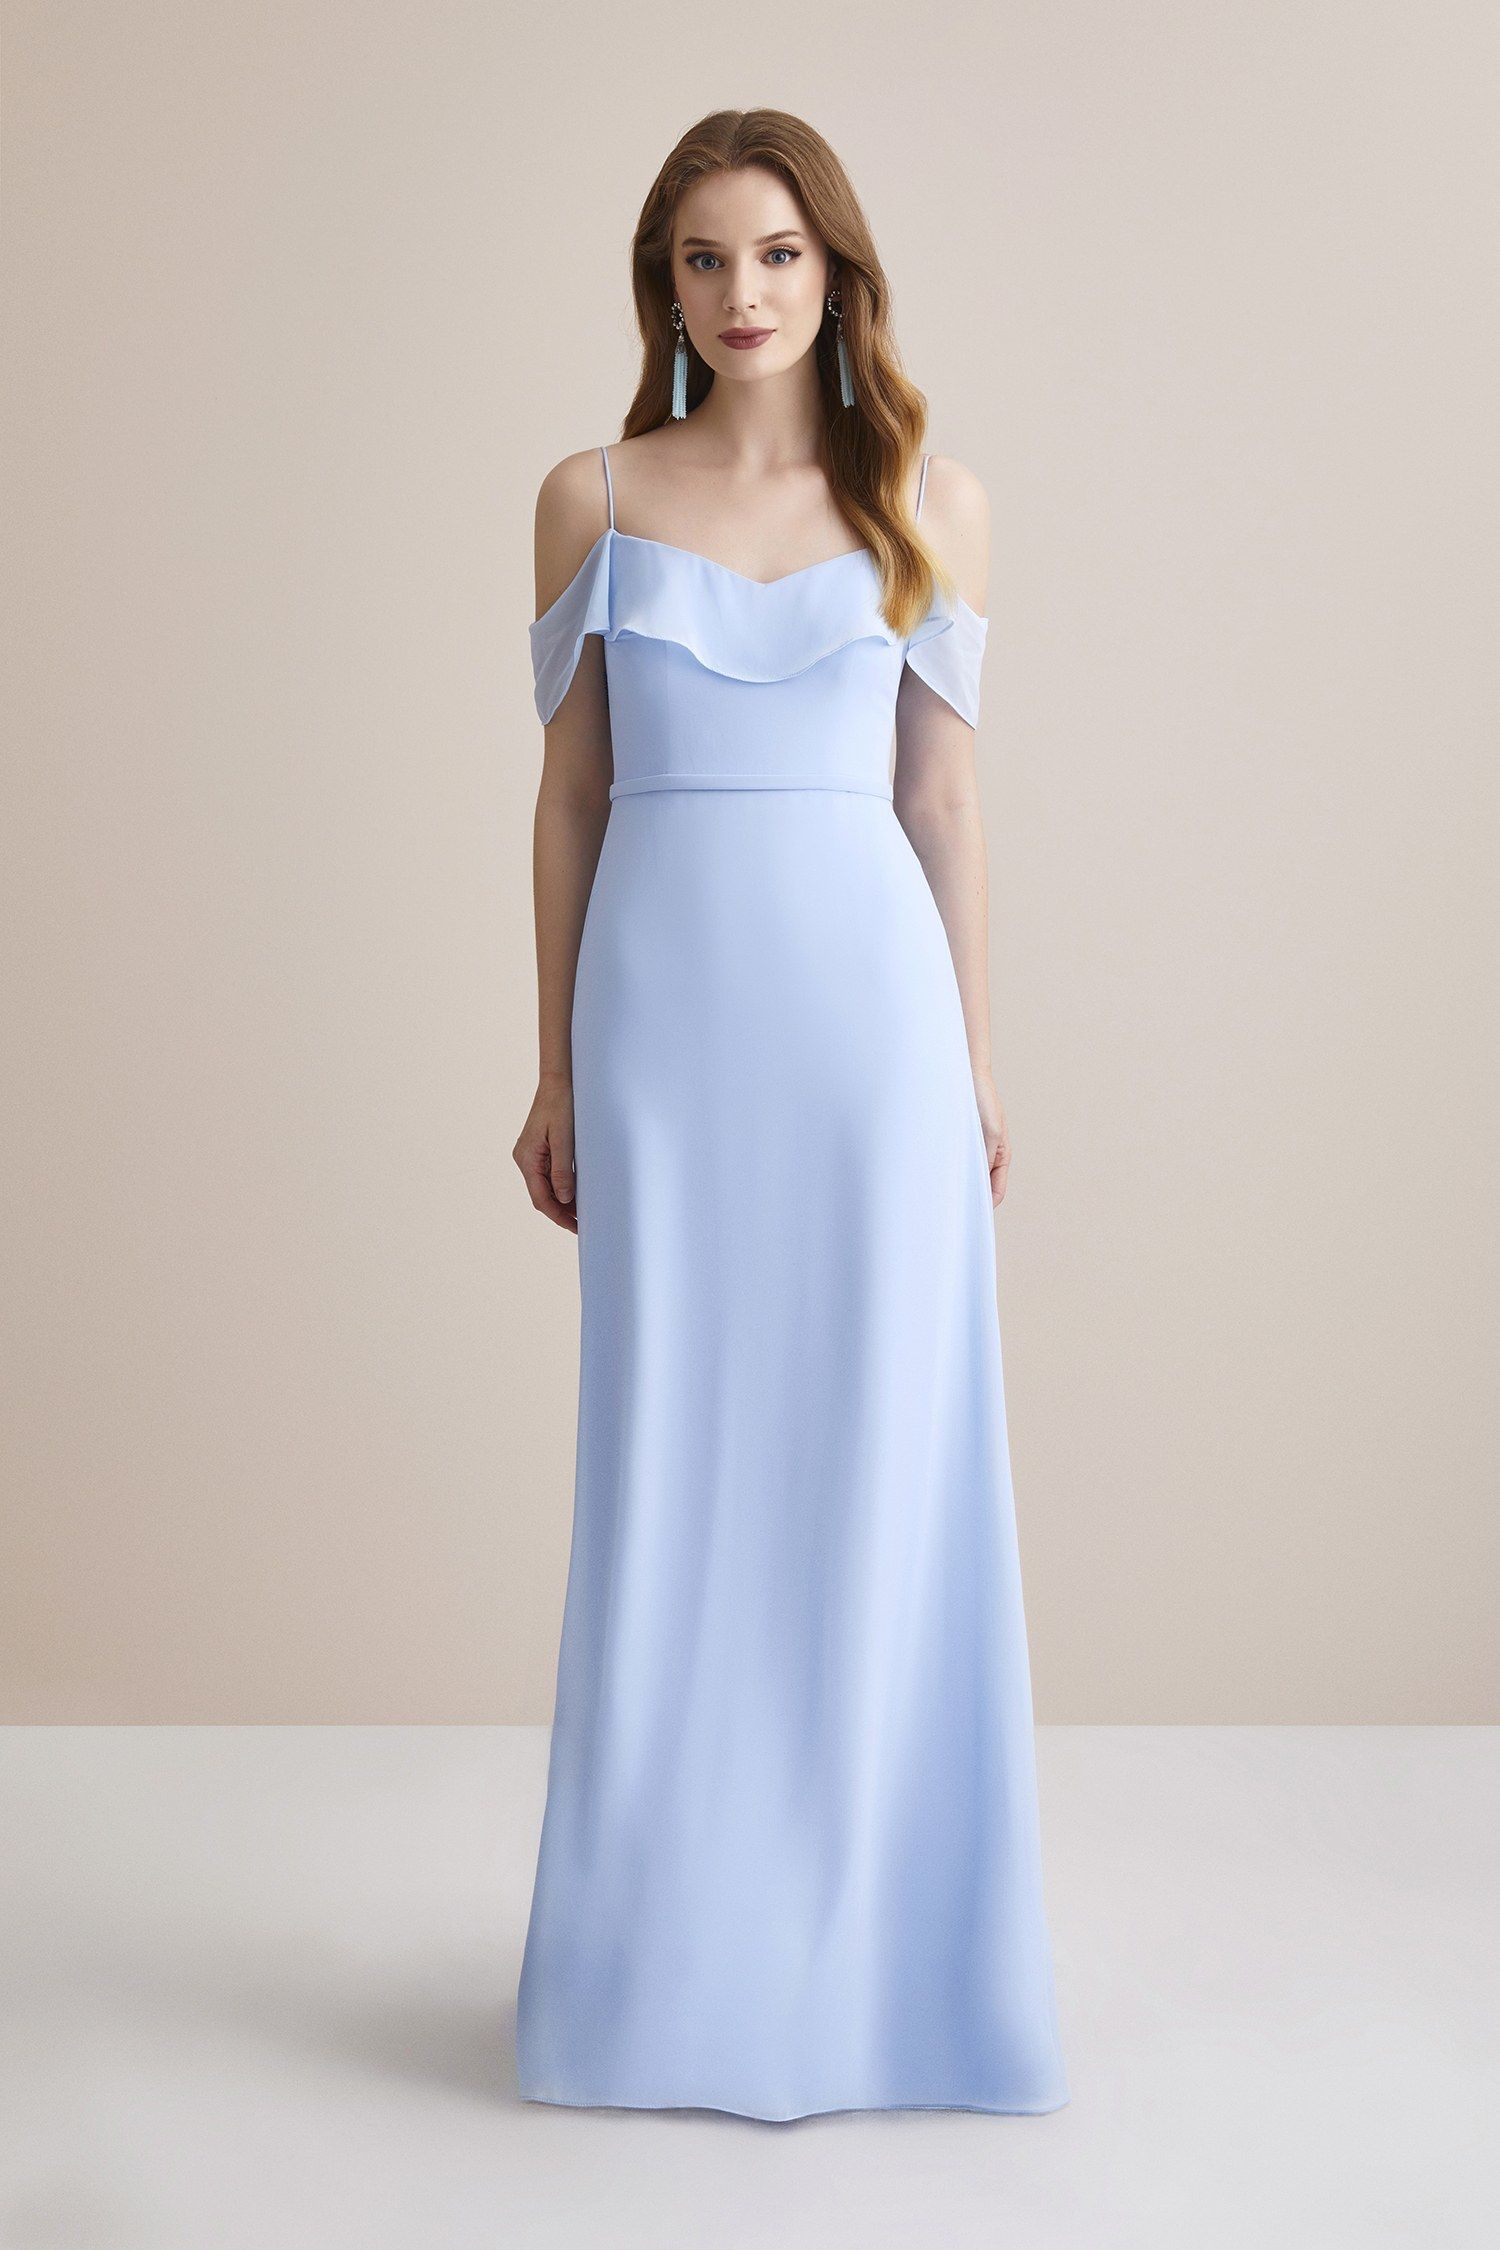 Buz Mavisi Ince Askili Sifon Uzun Elbise Oleg Cassini Uzun Elbise Elbise Kiyafet